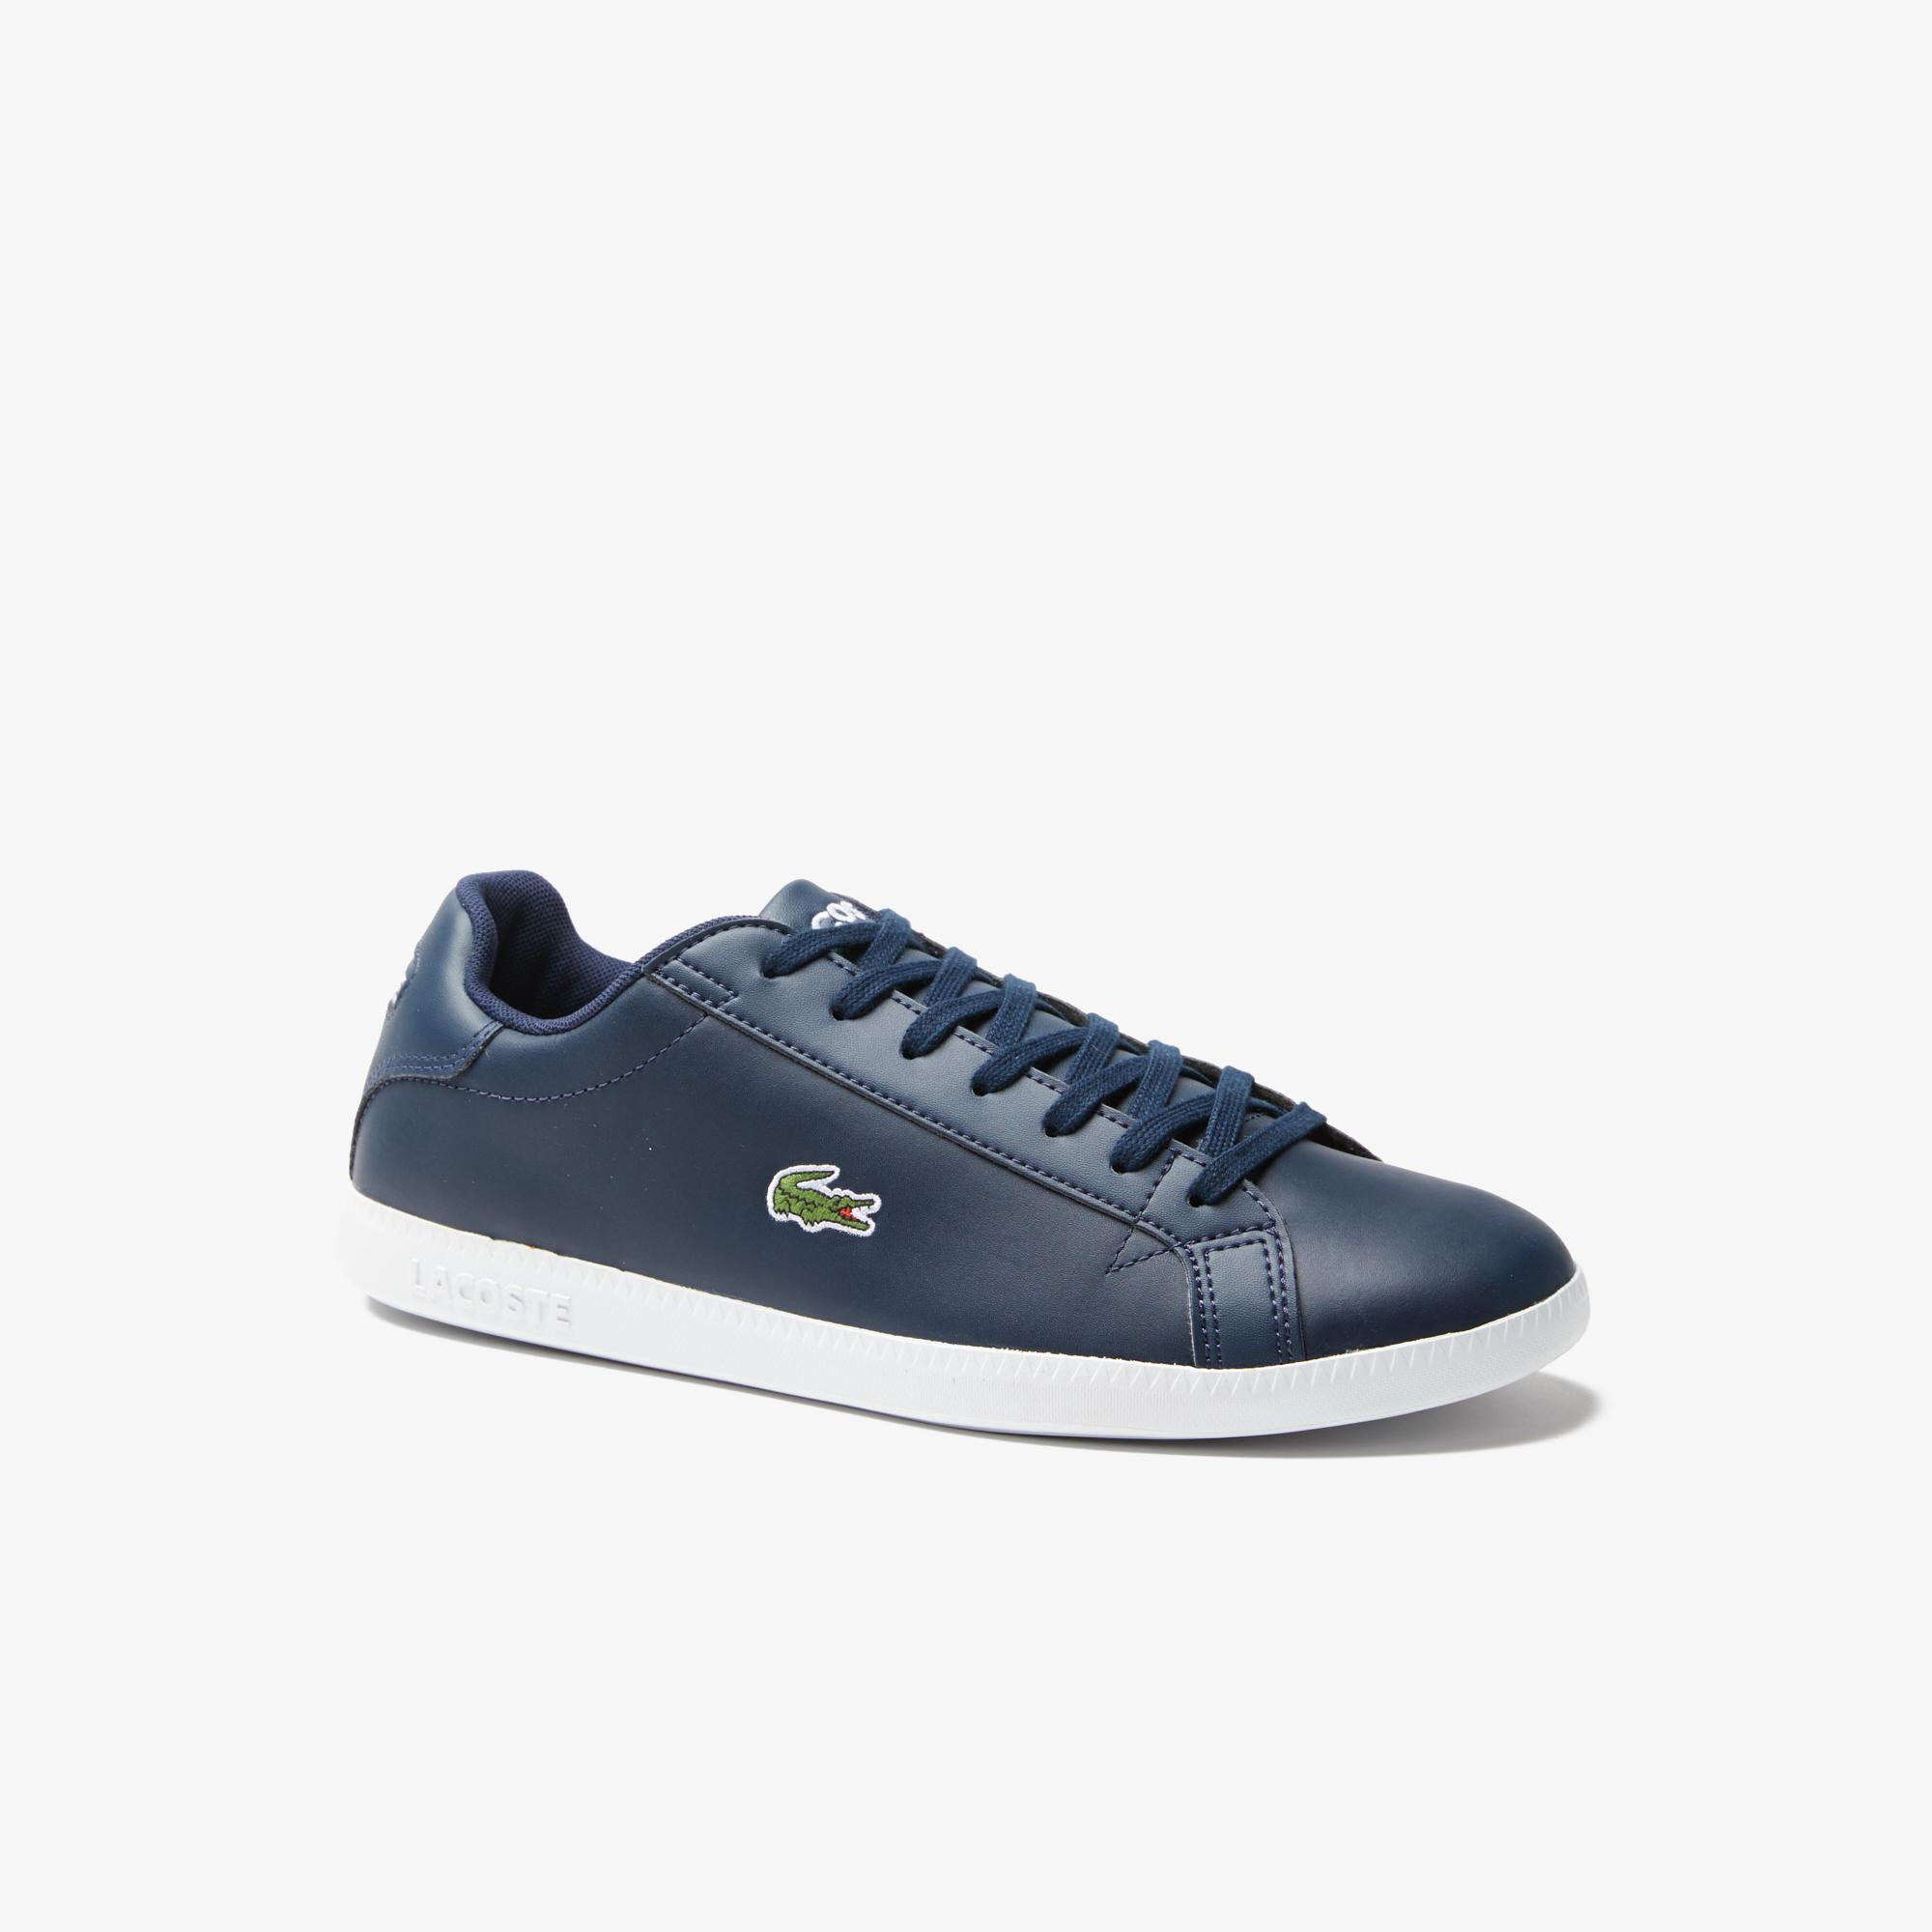 Lacoste Graduate BL 1 Męskie Sneakersy